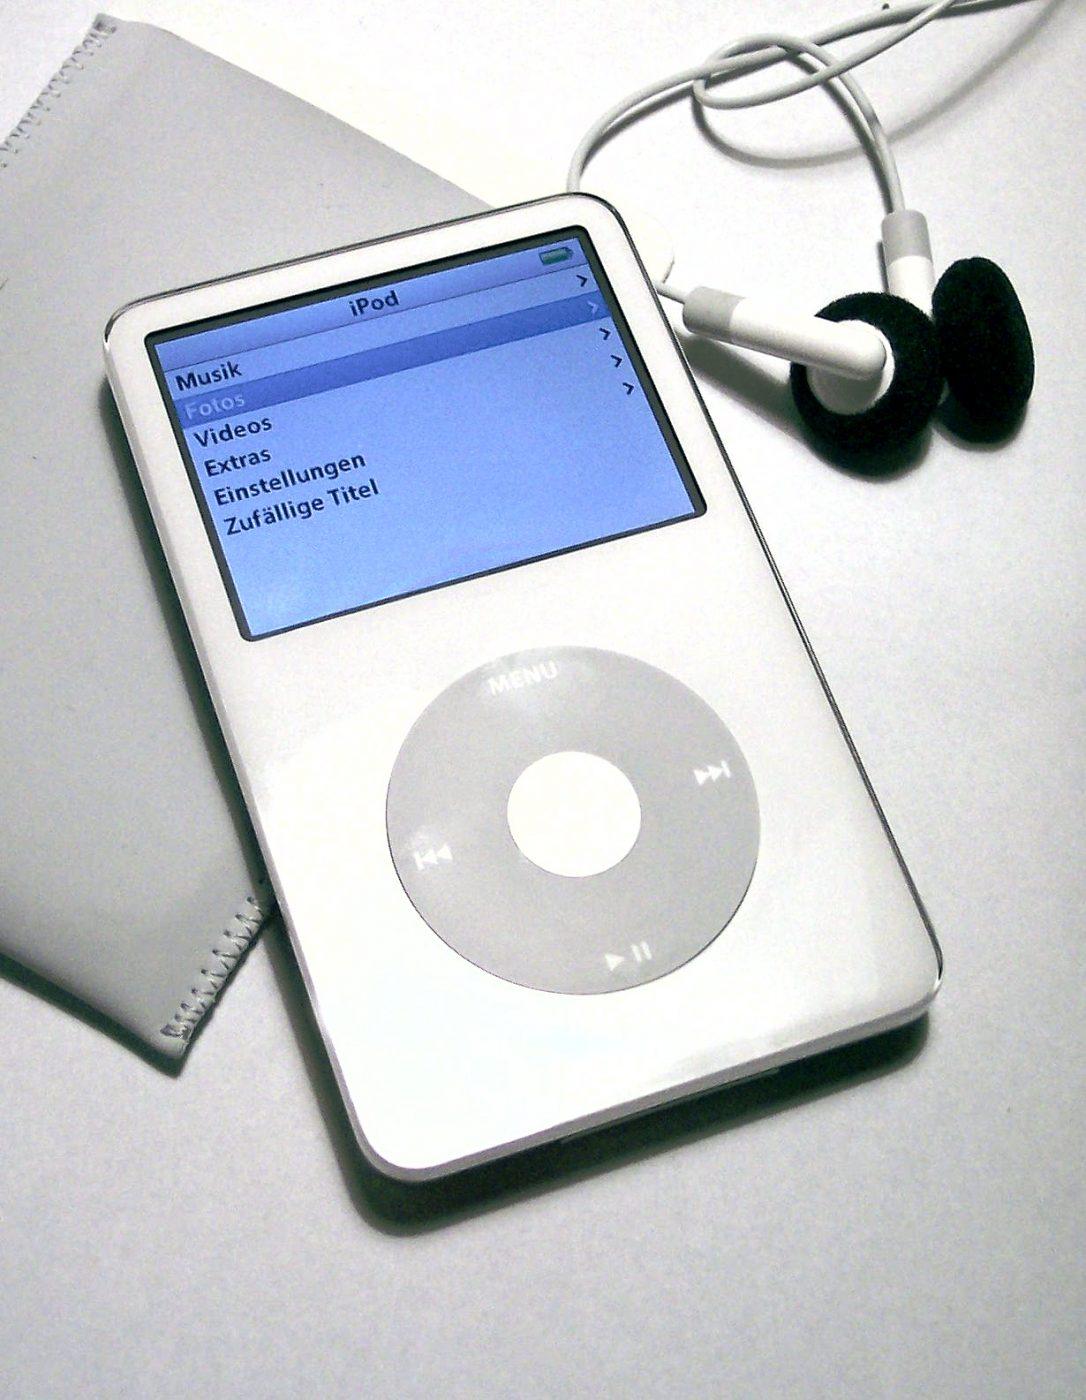 راهنمای خرید MP3 Player - راهنمای خرید MP3 Player